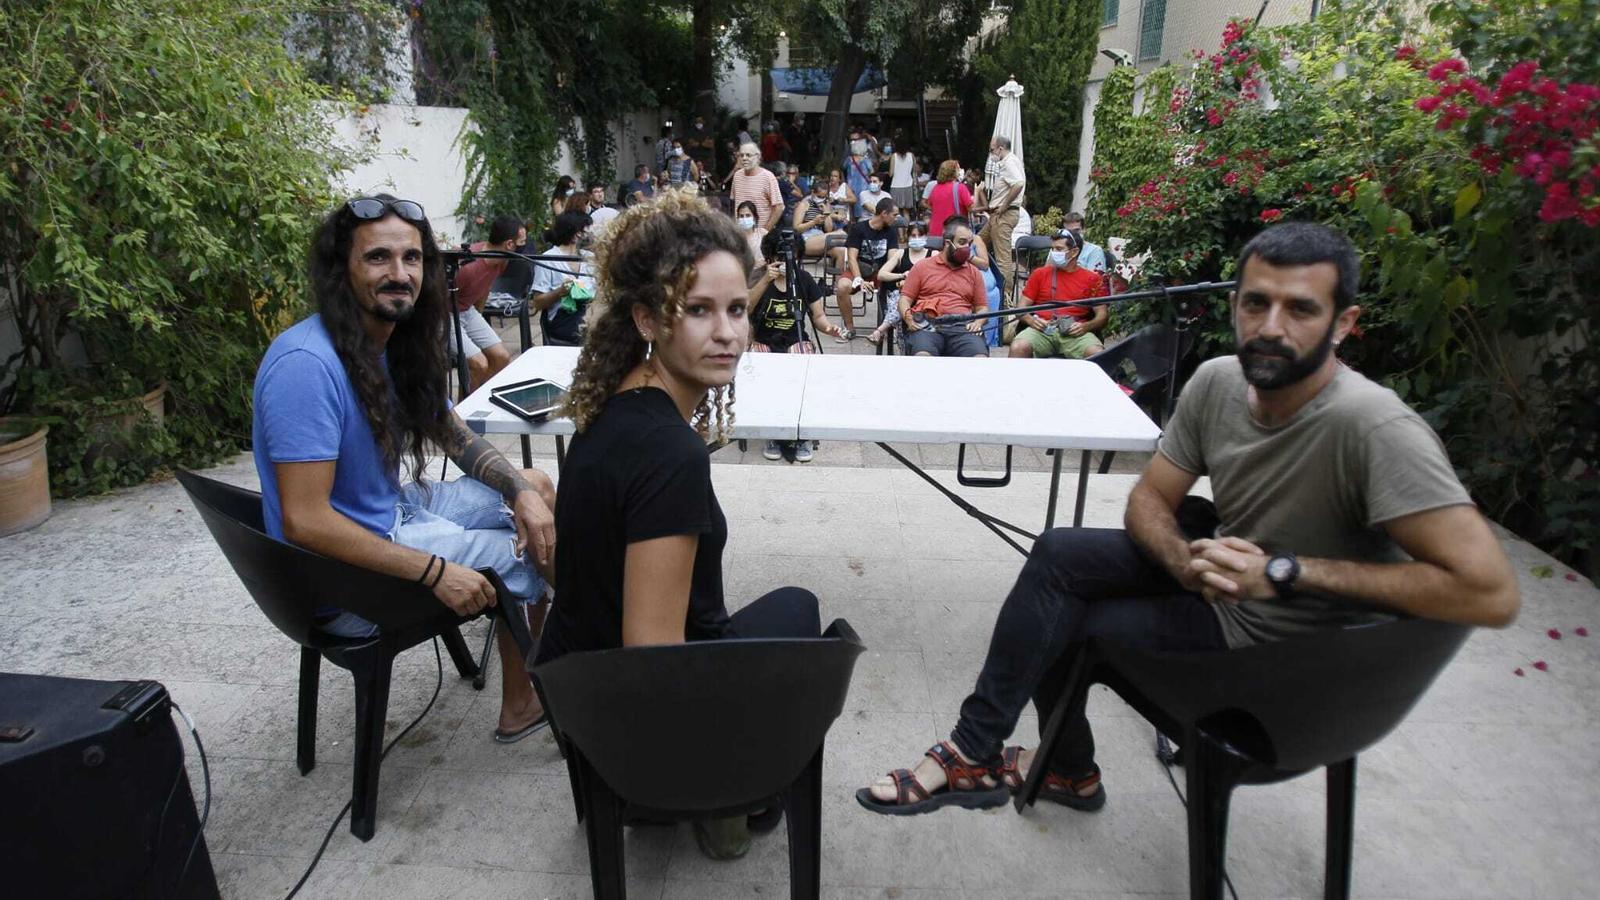 Balti Picornell, Aina Vidal i Jordi Borràs, minuts abans de començar l'acte